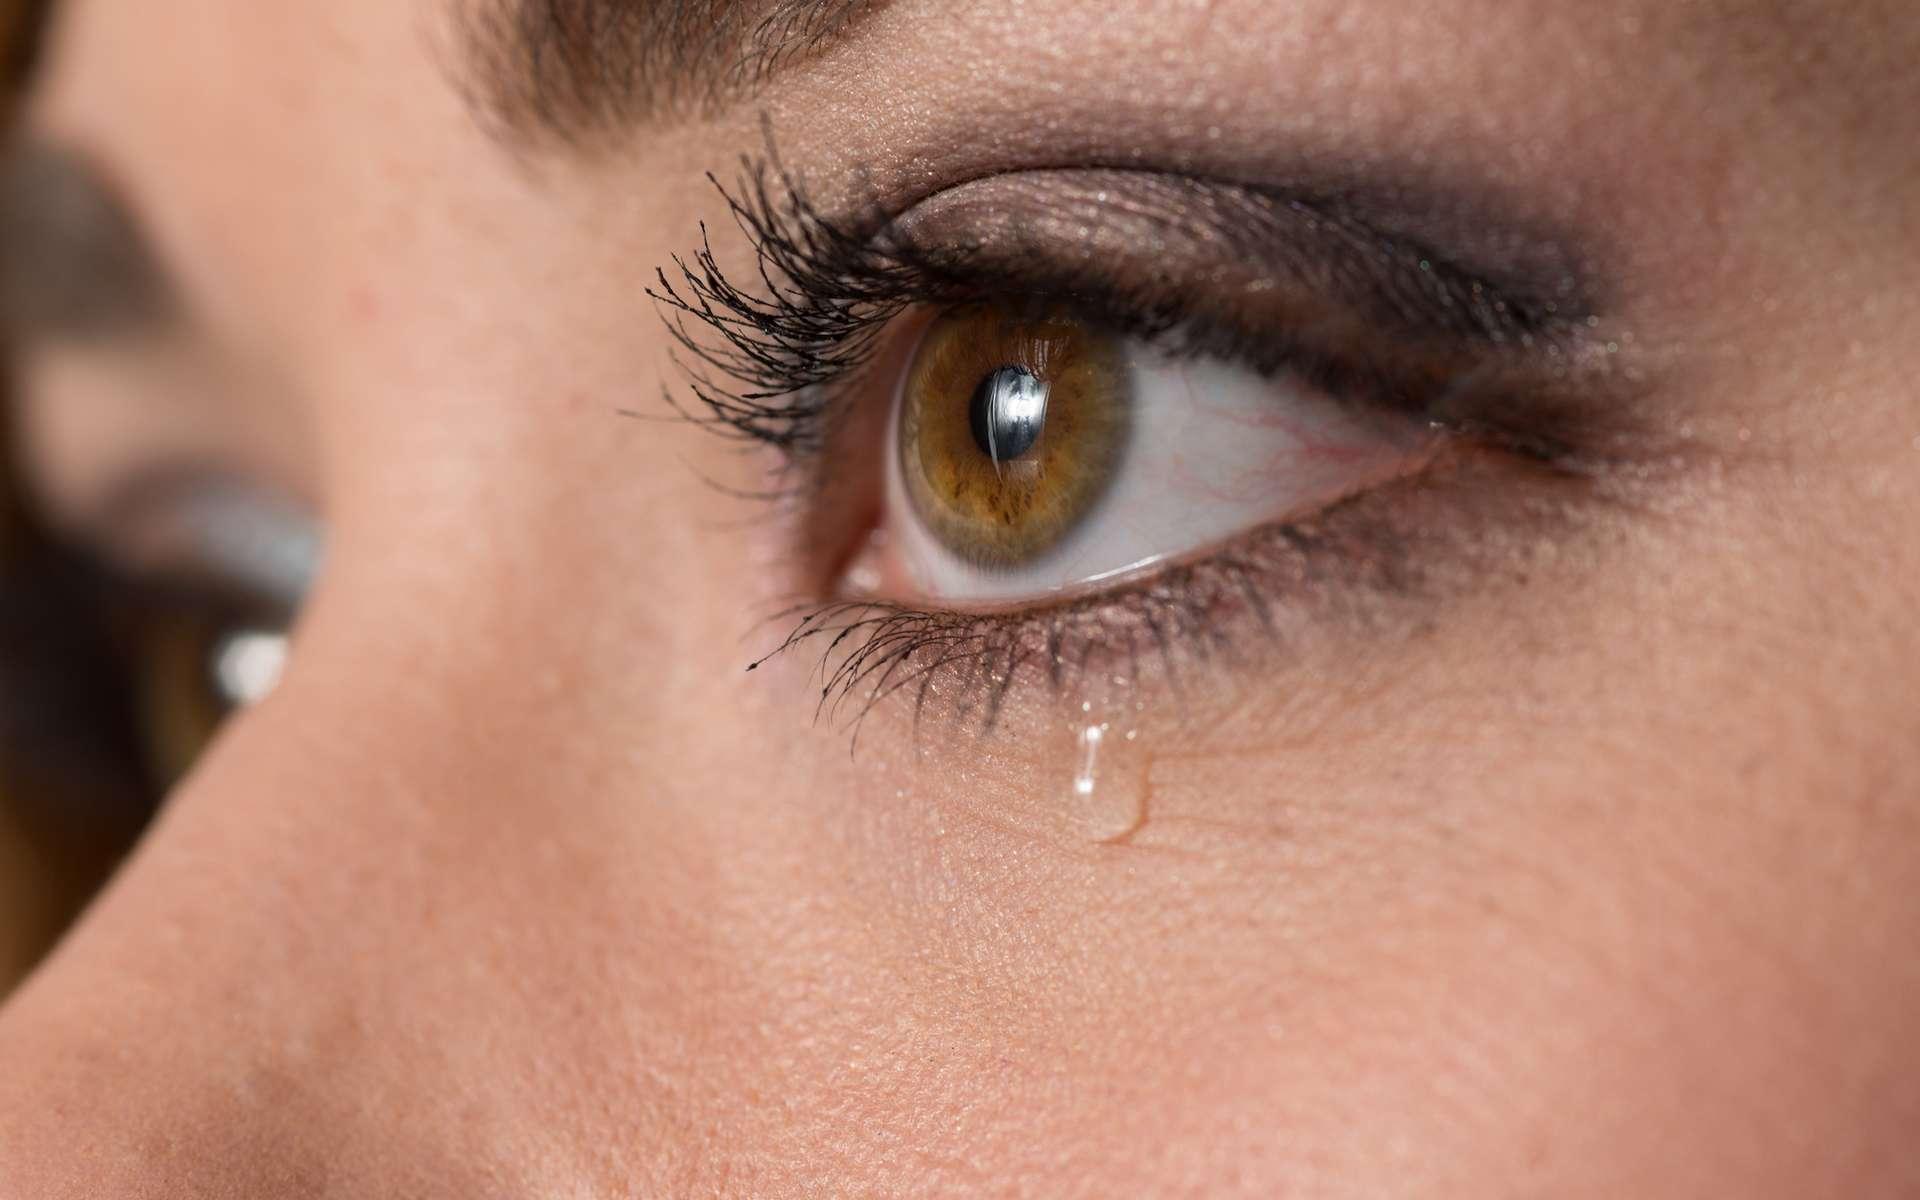 Les larmes sont essentiellement constituées d'eau, mais aussi de sels minéraux, de sel, de protéines, d'antiseptiques, etc. © Chris Collins, Shutterstock